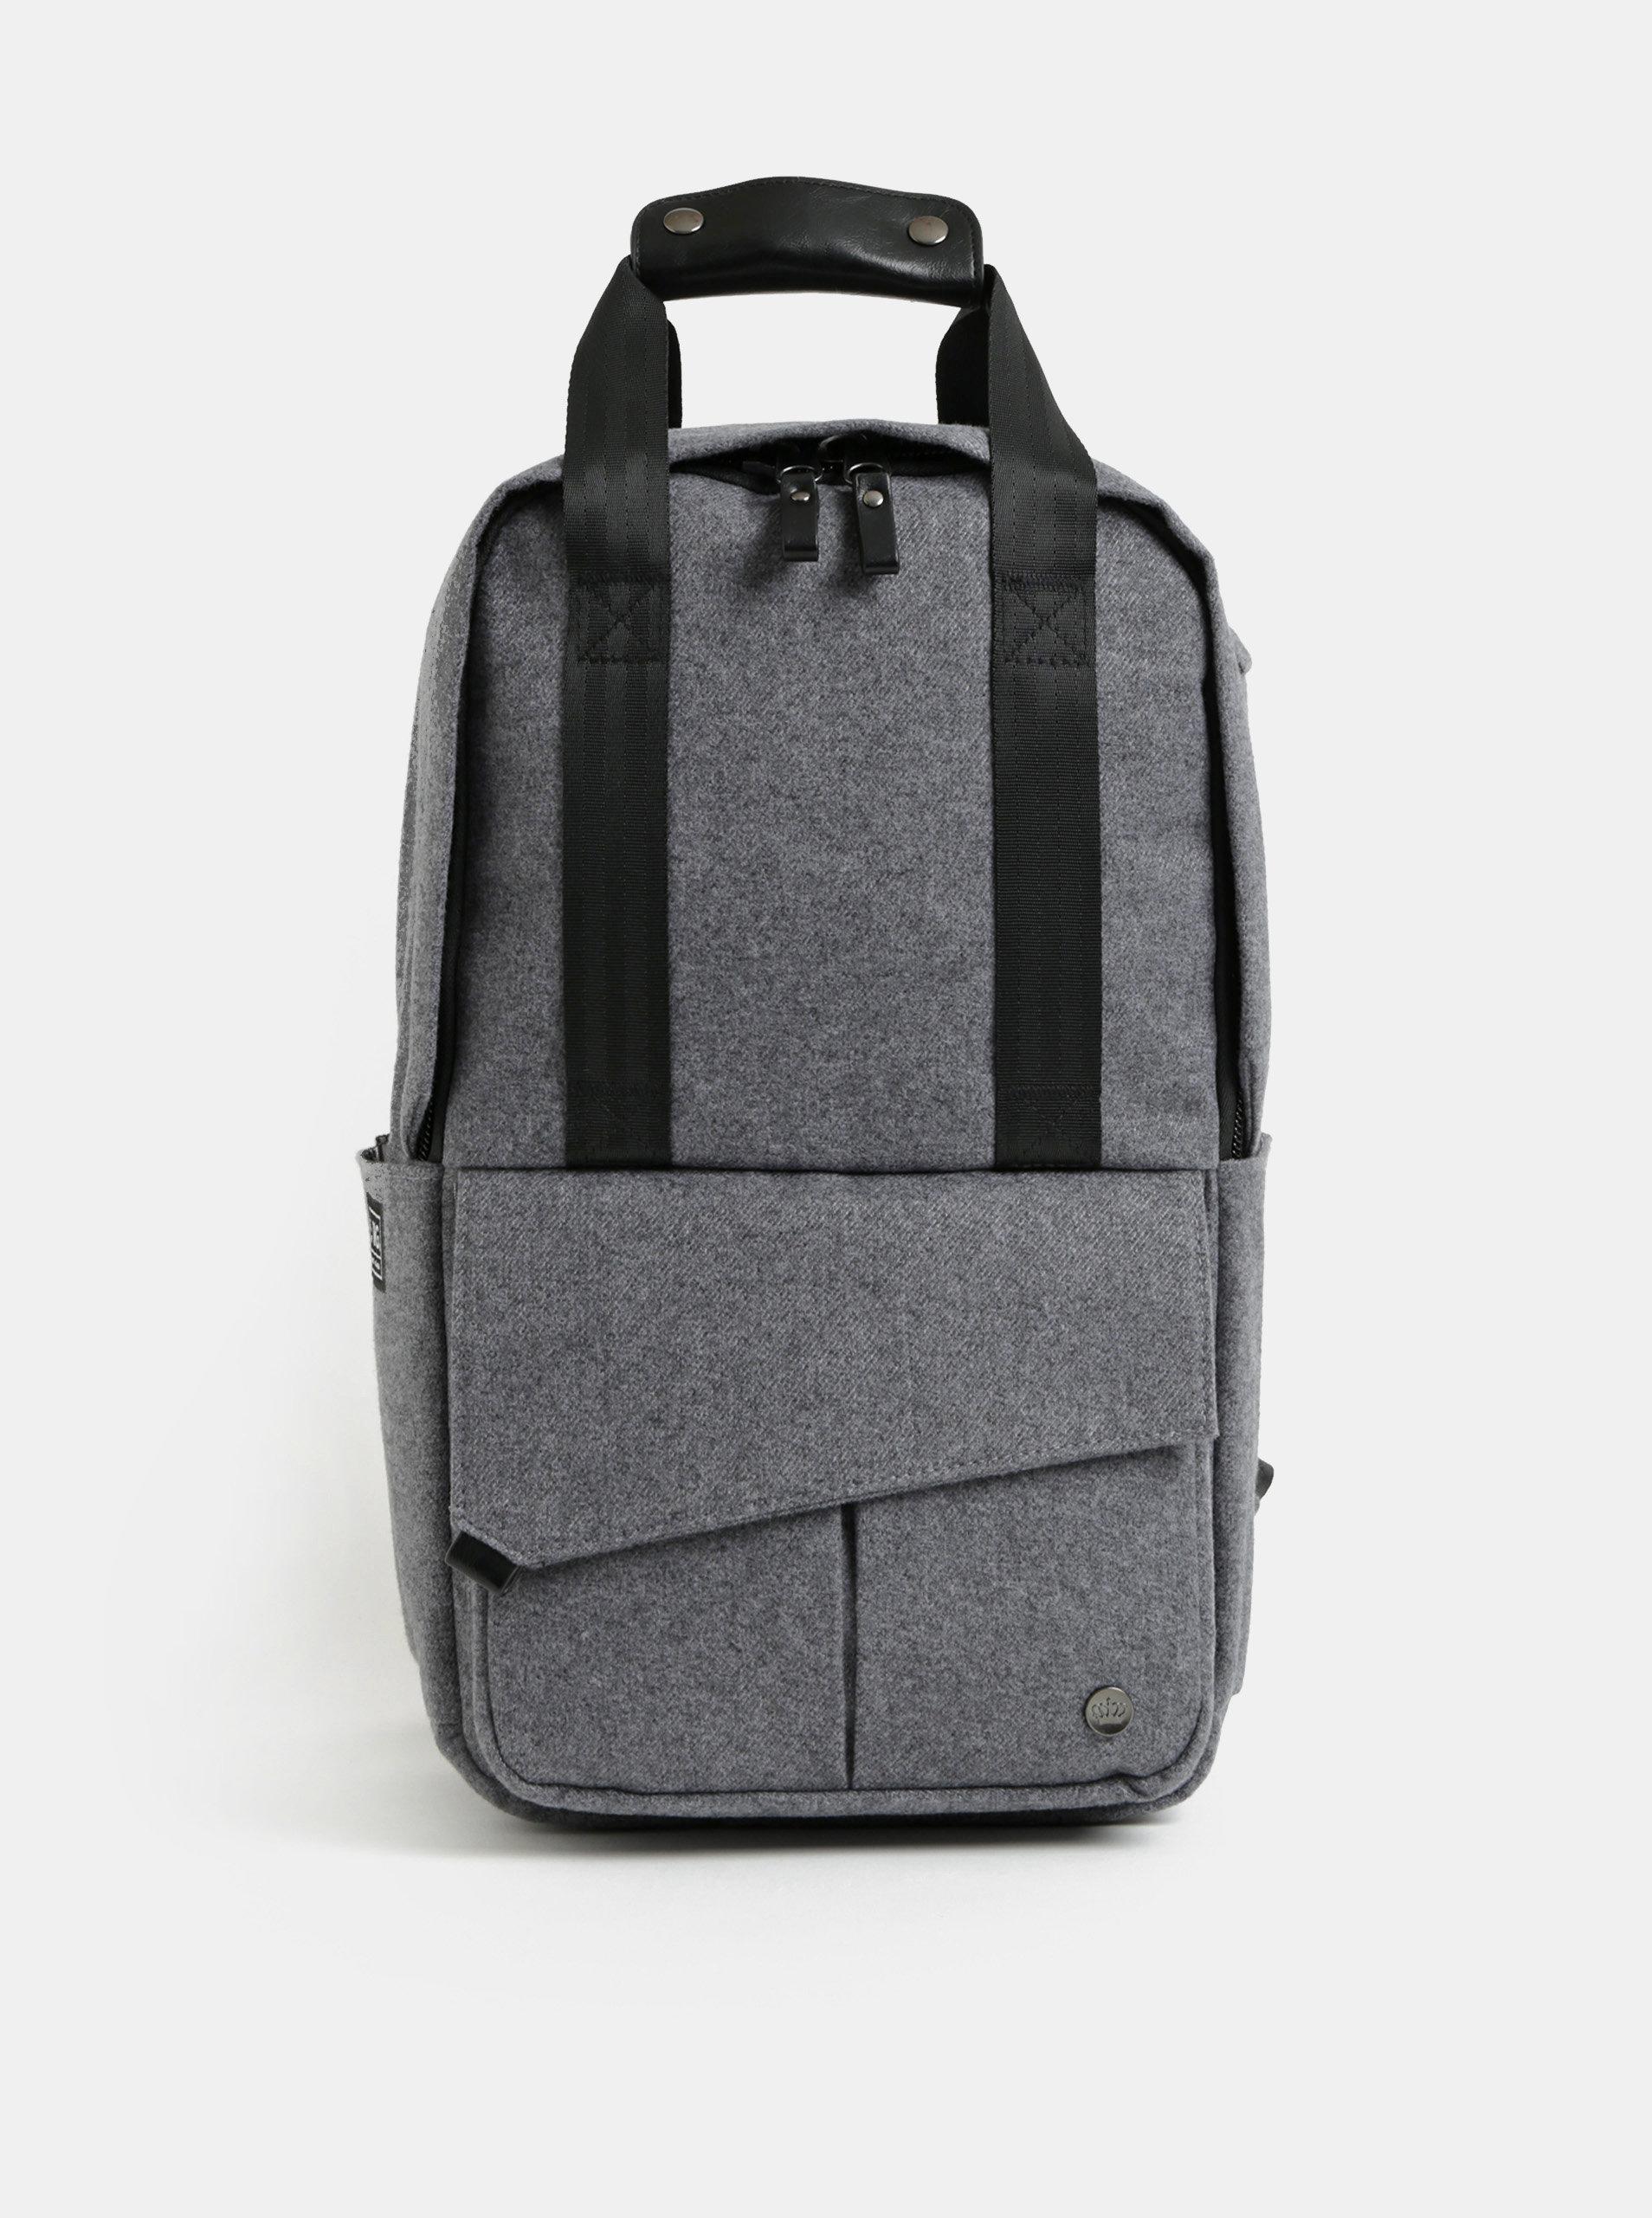 Šedý nepromokavý batoh s vnitřní taškou na notebook 2v1 PKG 12 l ... 1441132705